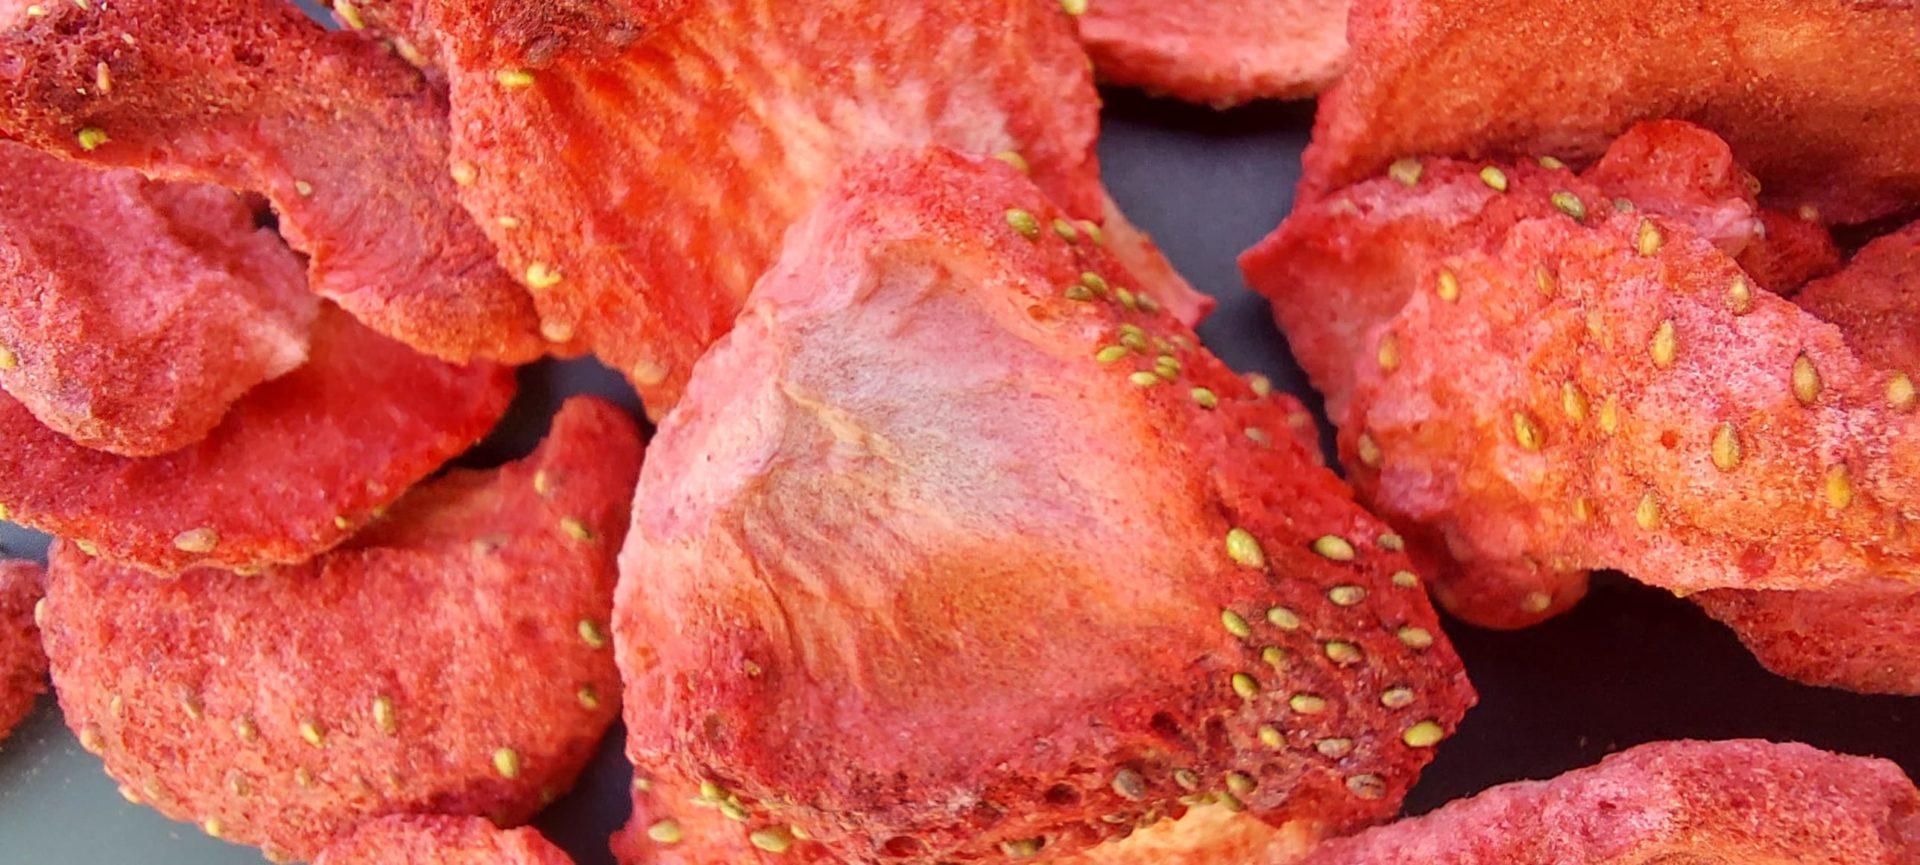 fraises lapins rongeurs bamm paris